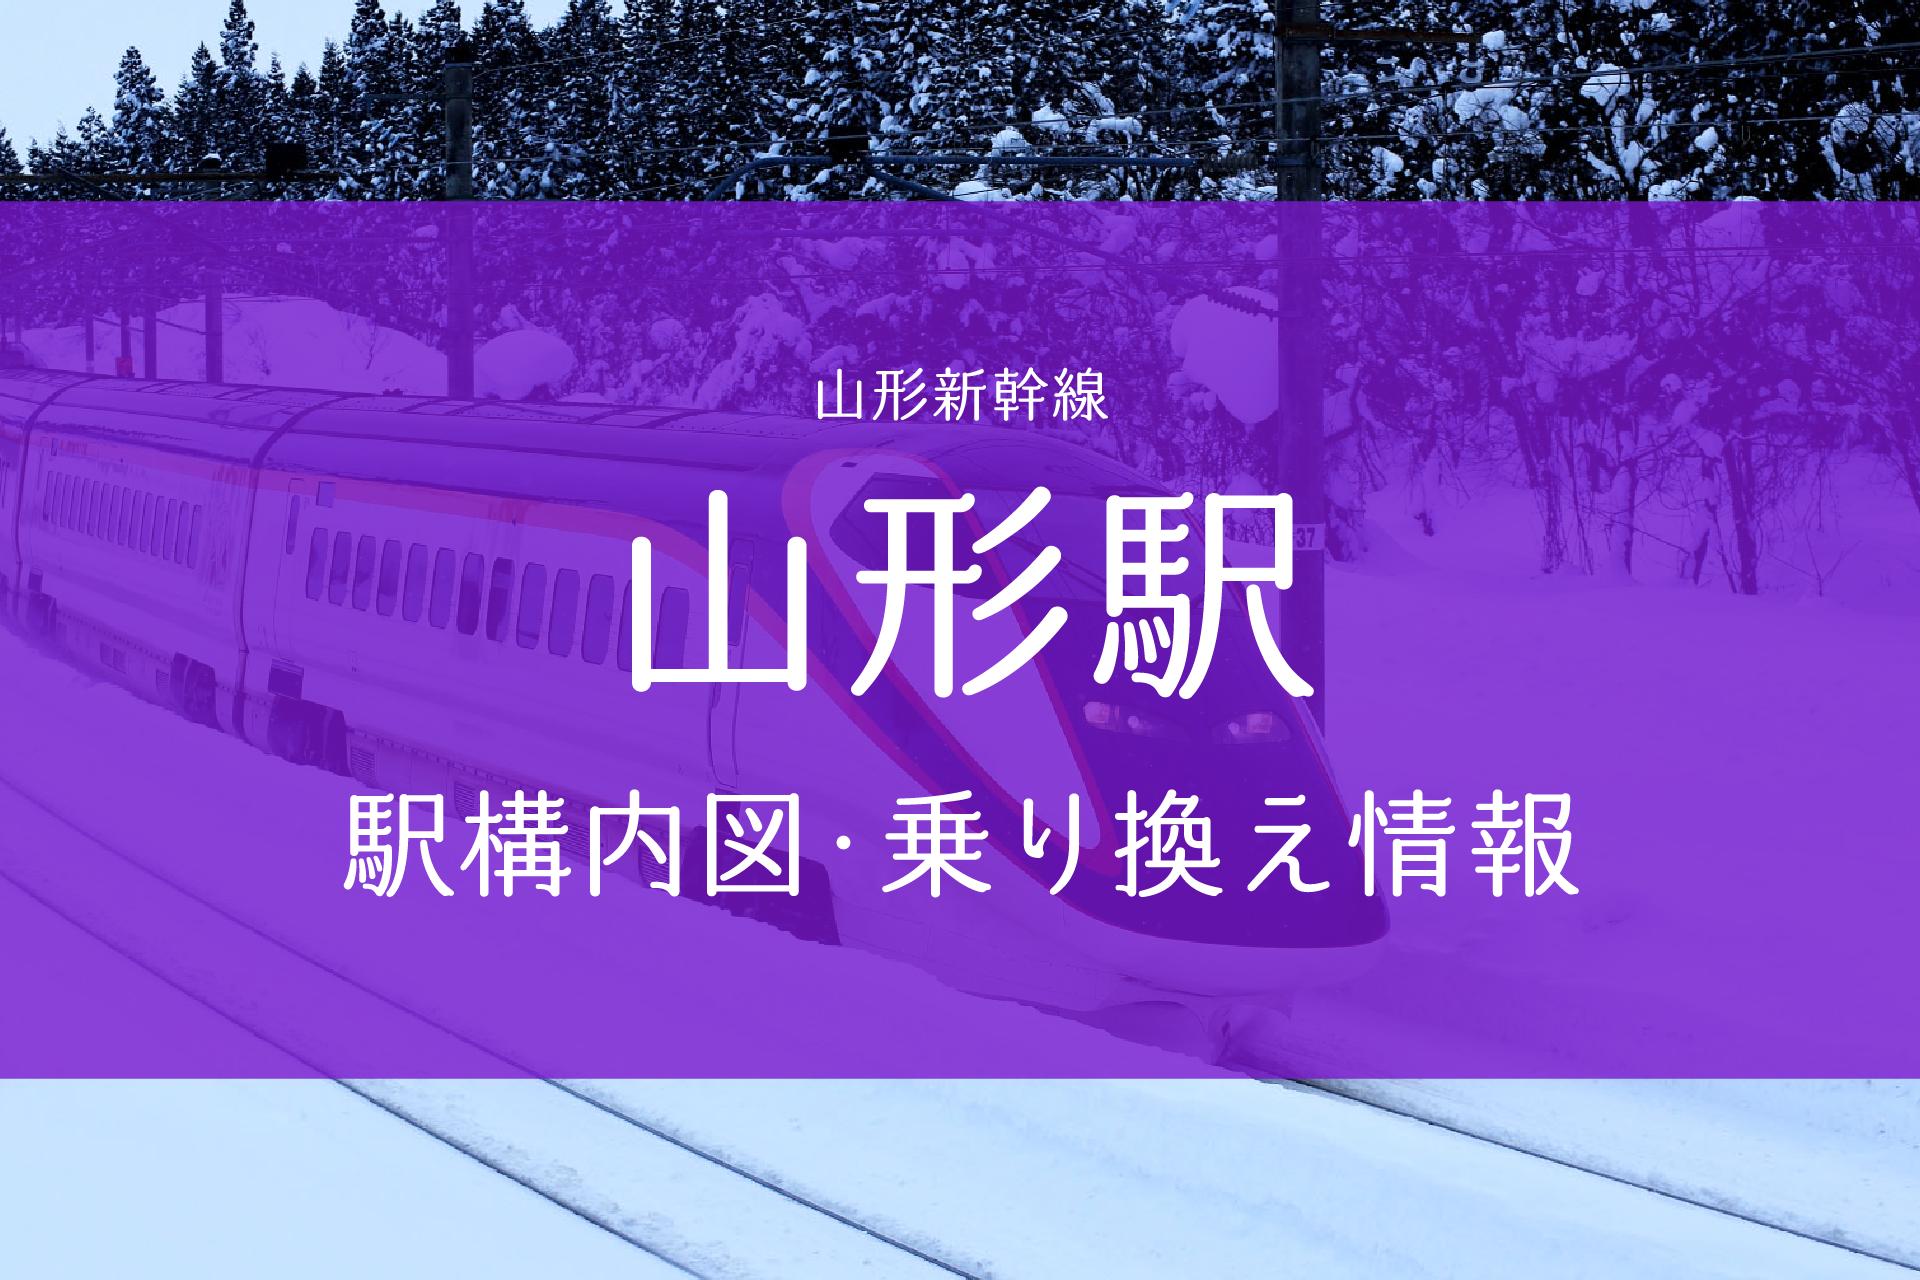 山形駅構内図・乗り換え情報